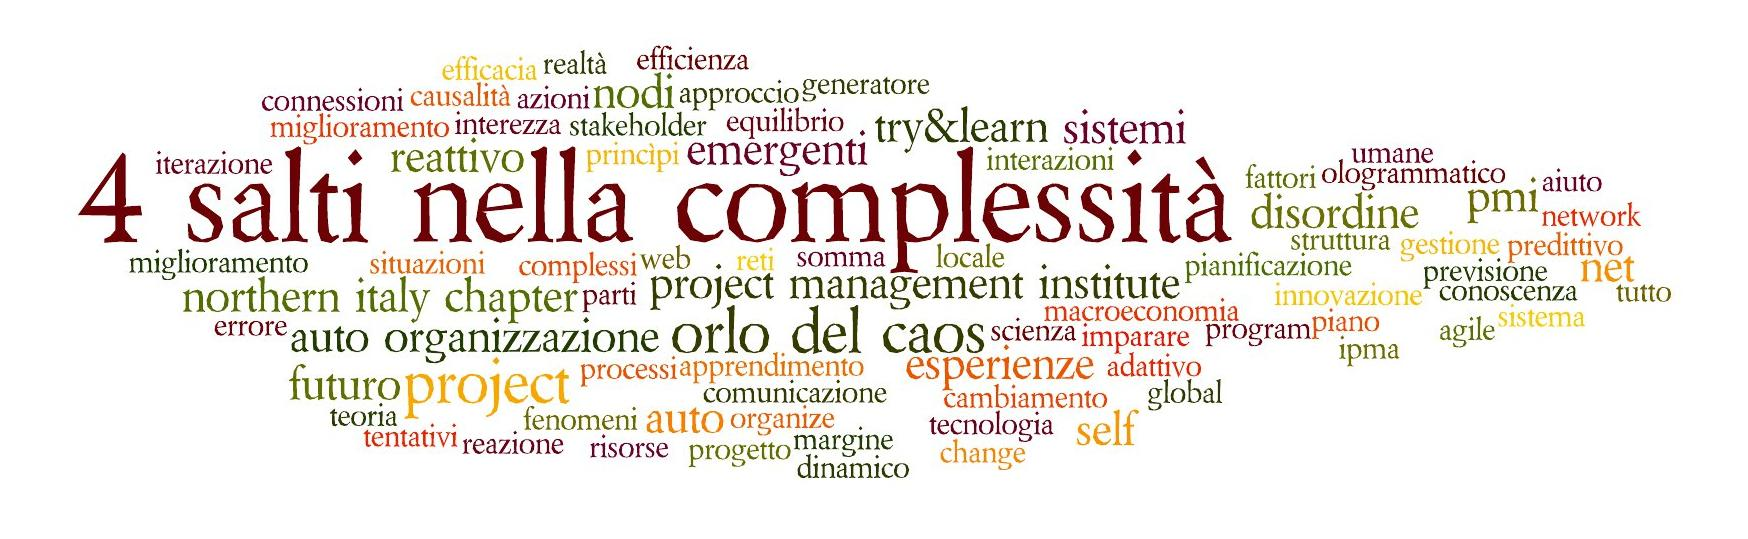 4 salti nella complessità